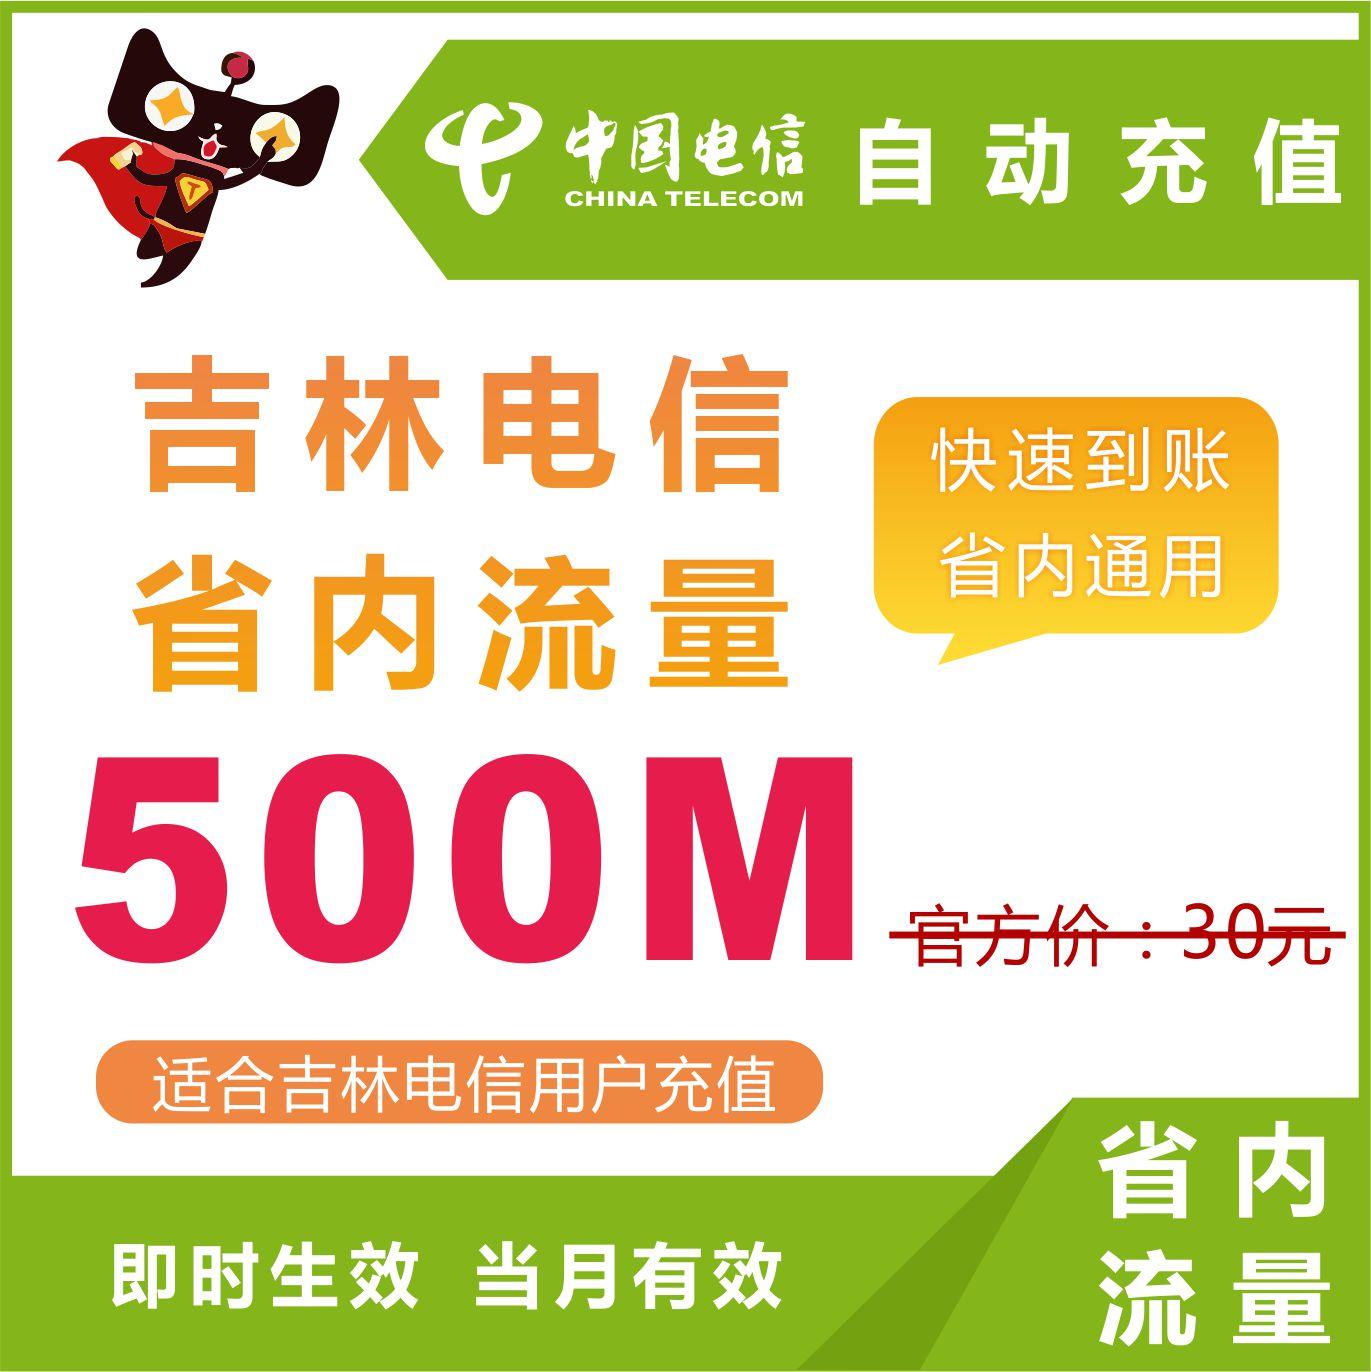 吉林電信省內500M流量包手機衝充流量疊加油卡包